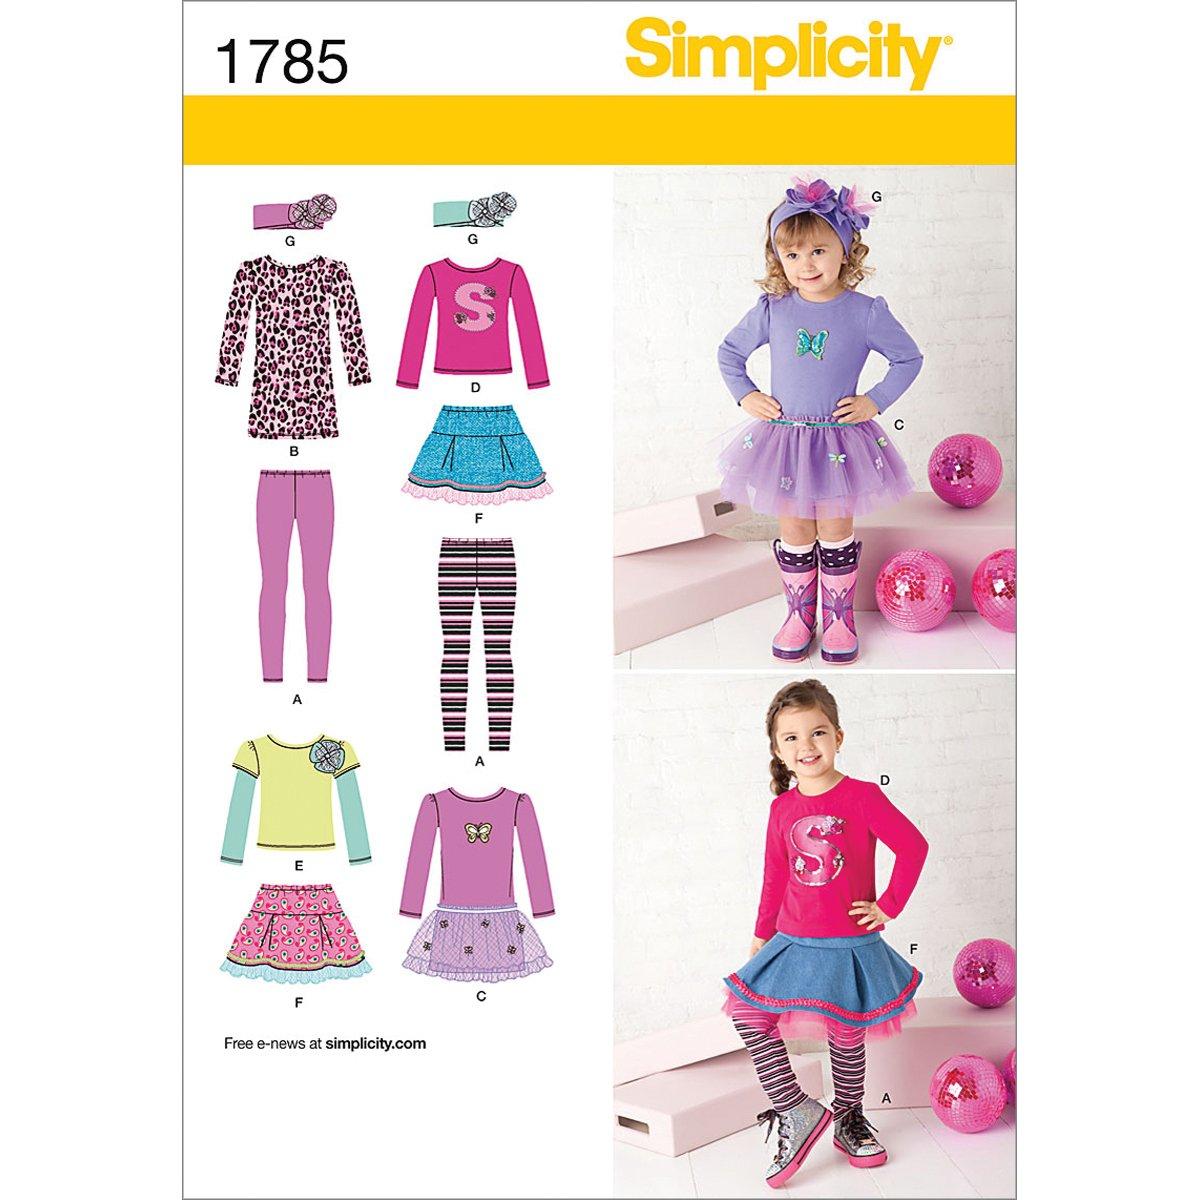 Amazon.com: Simplicity Pattern 1785 Girls Sportswear: Skirt and Knit ...